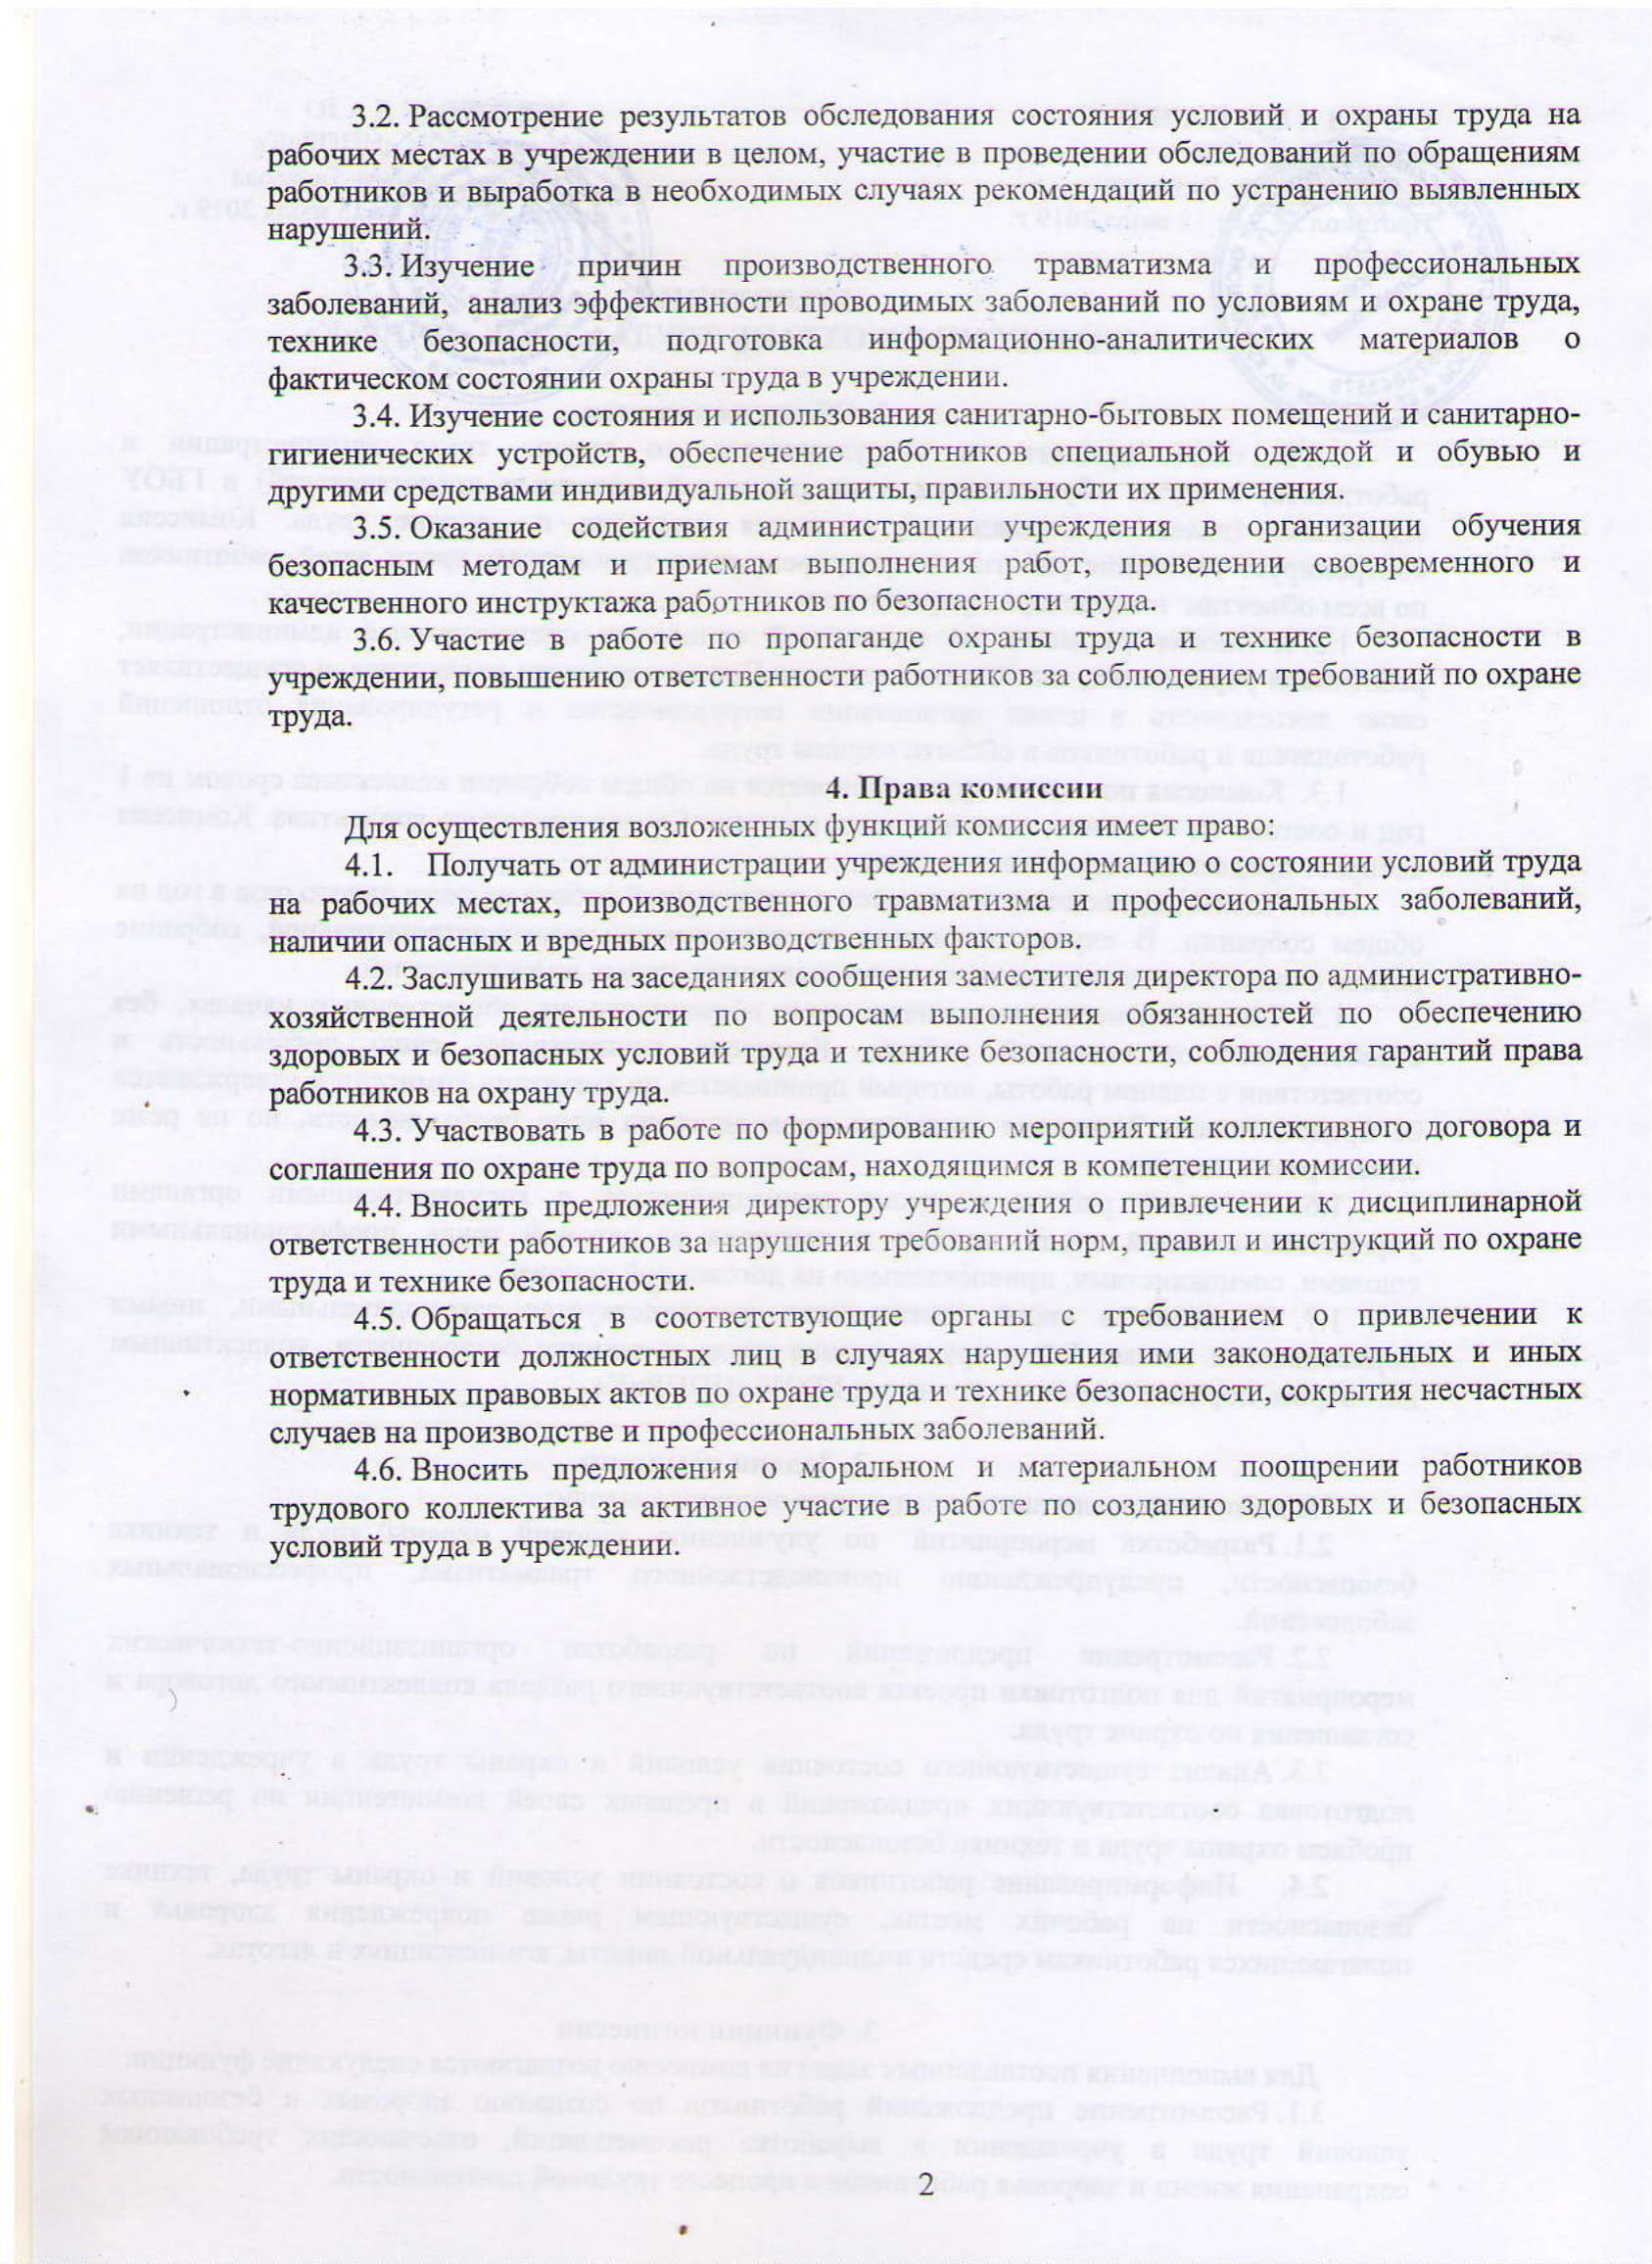 Положение о комиссии по охране труда-2